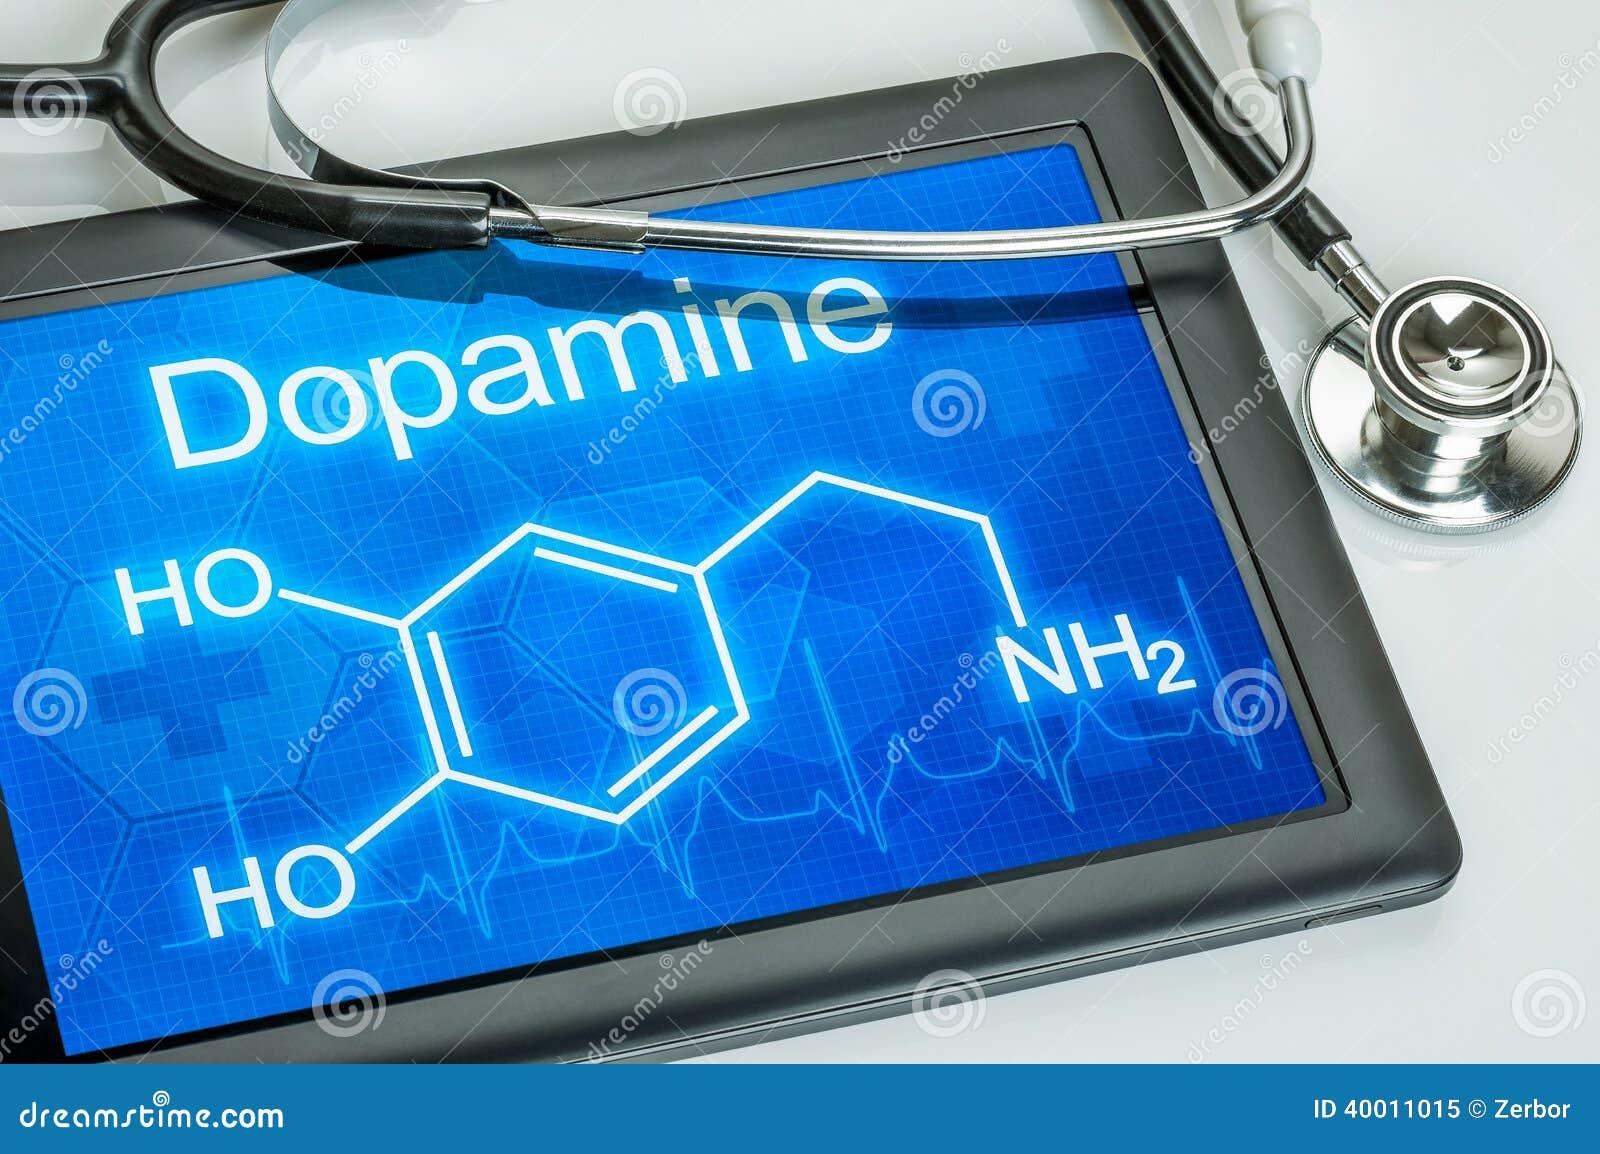 Pokaz z chemiczną formułą dopamine